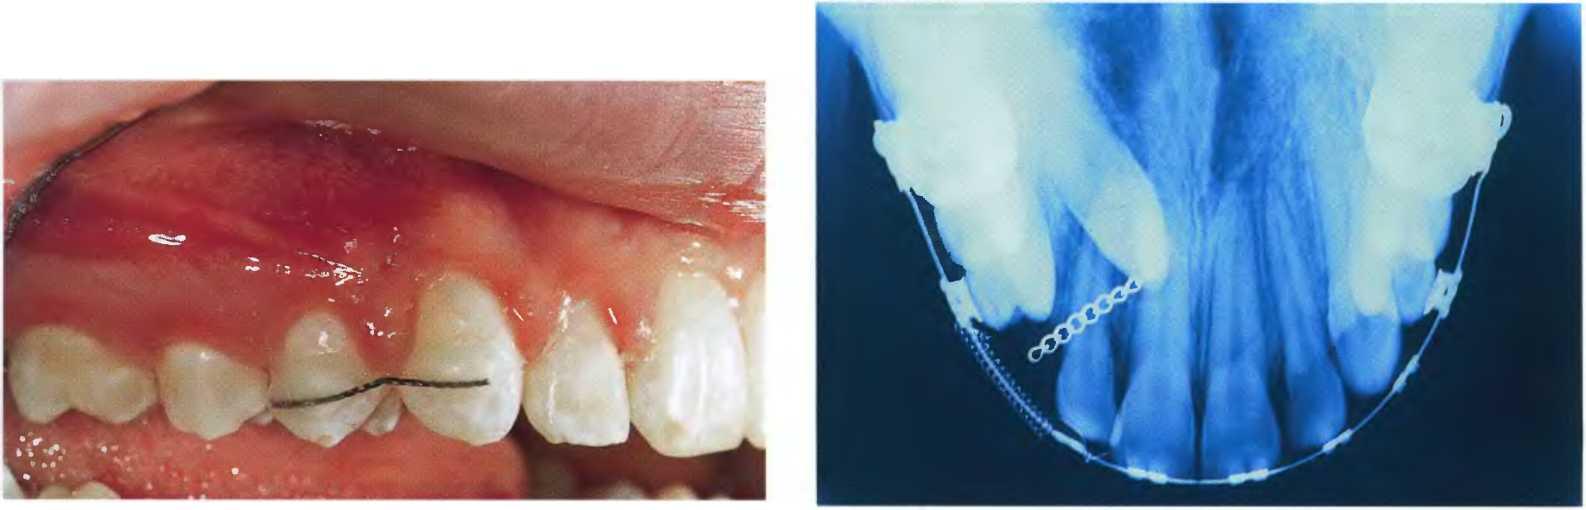 позиционеры в стоматологии инструкция